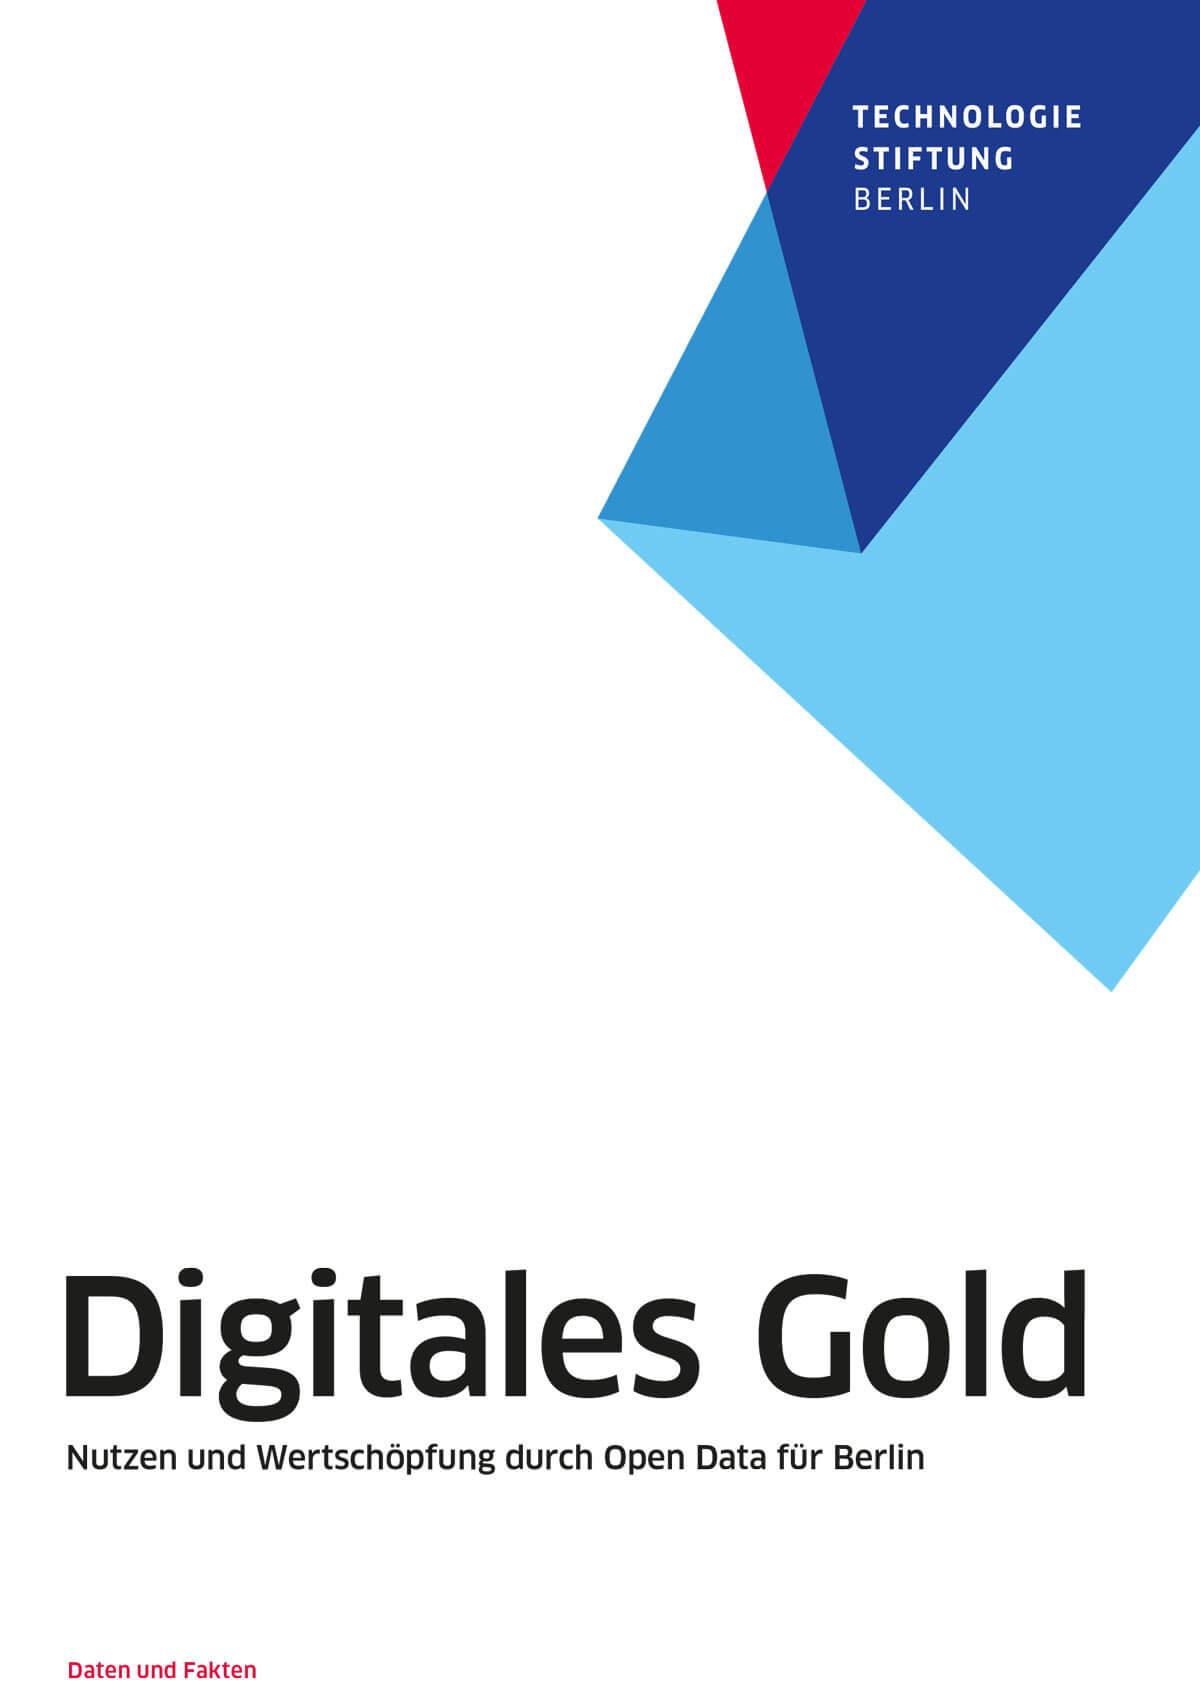 DIGITALES GOLD –NUTZEN UND WERTSCHÖPFUNG DURCH OPEN DATA FÜR BERLIN